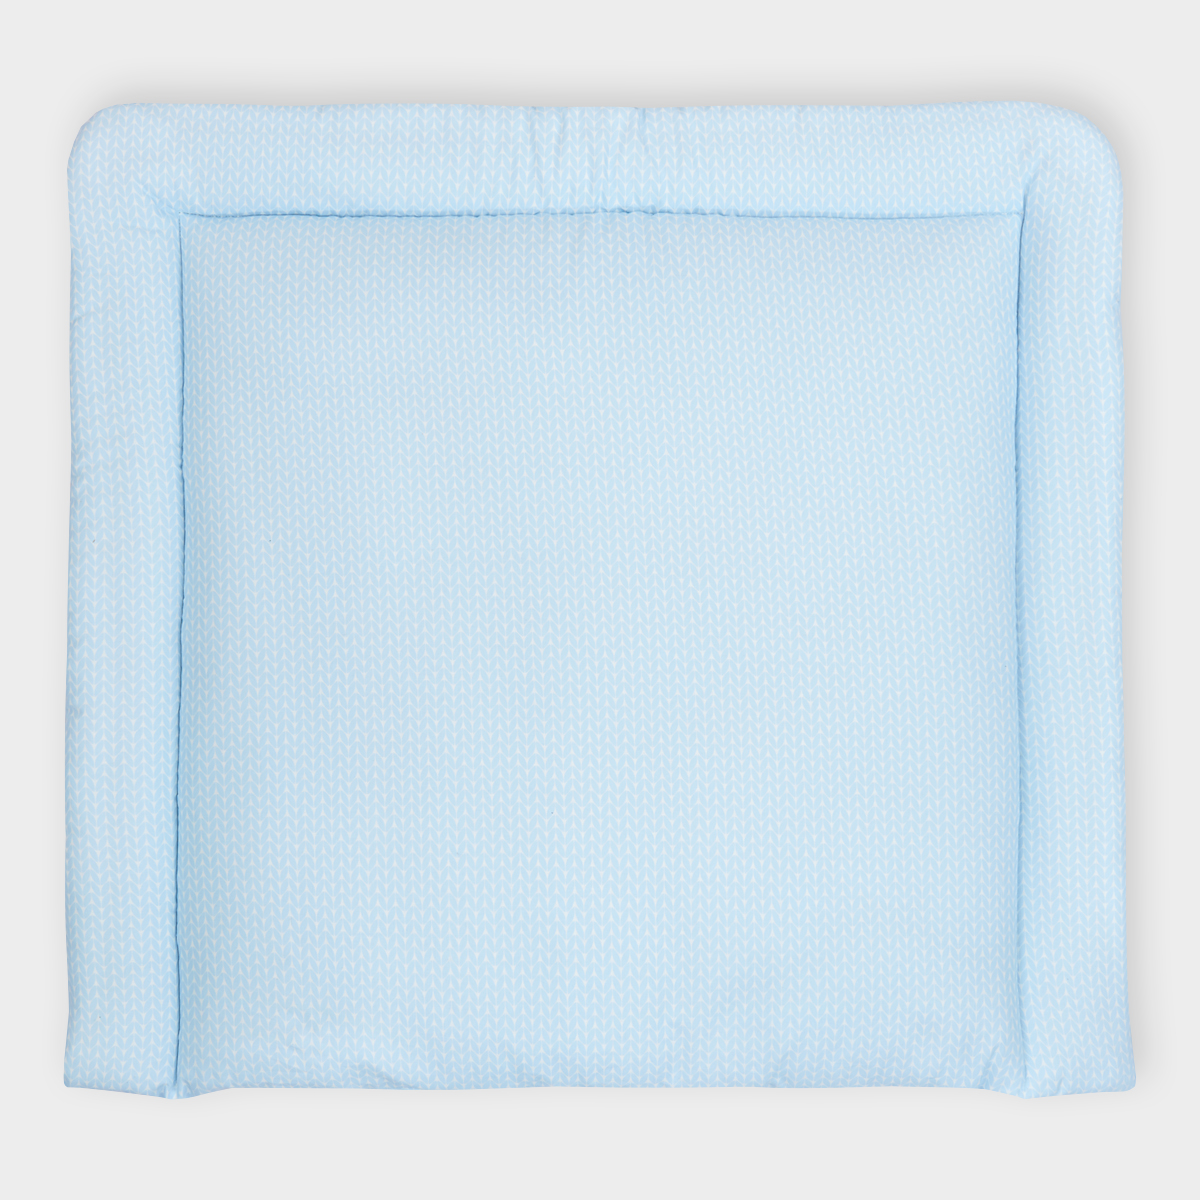 waschmaschine 60 cm breit waschmaschine 45 cm breit. Black Bedroom Furniture Sets. Home Design Ideas